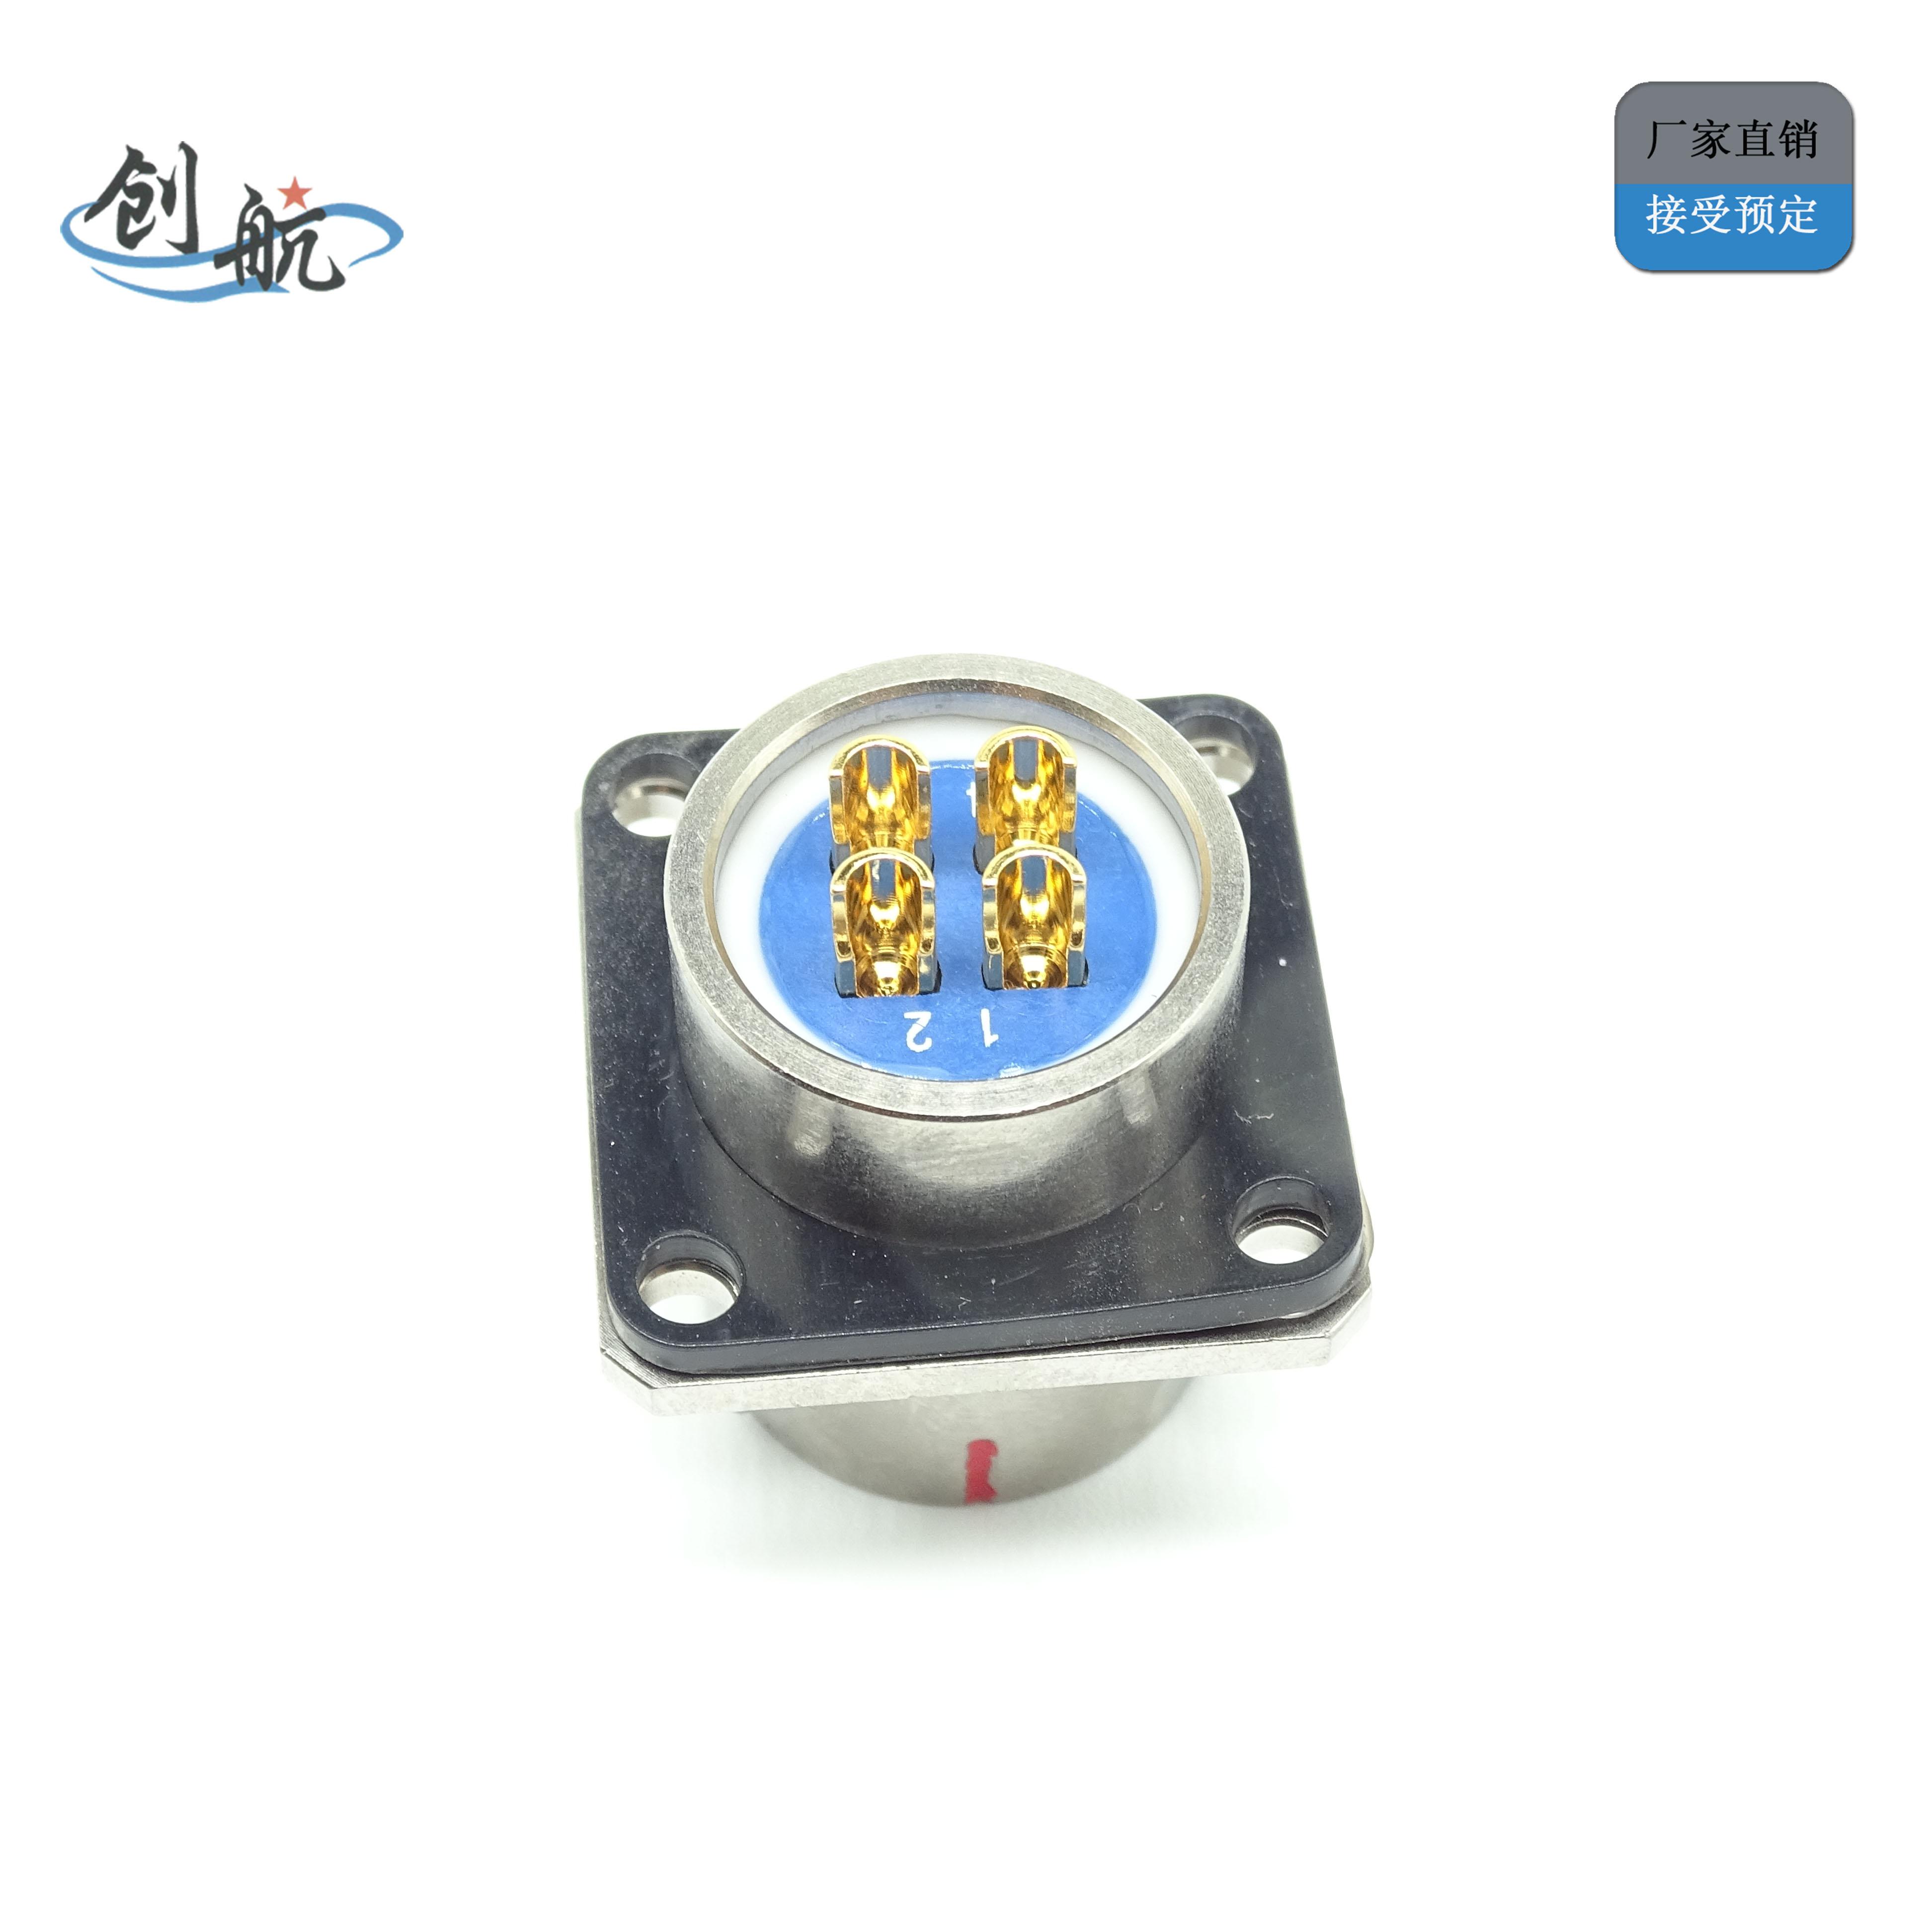 Y50DX 電源系列特種軍用防水圓形航空插頭、電連接器、接插件